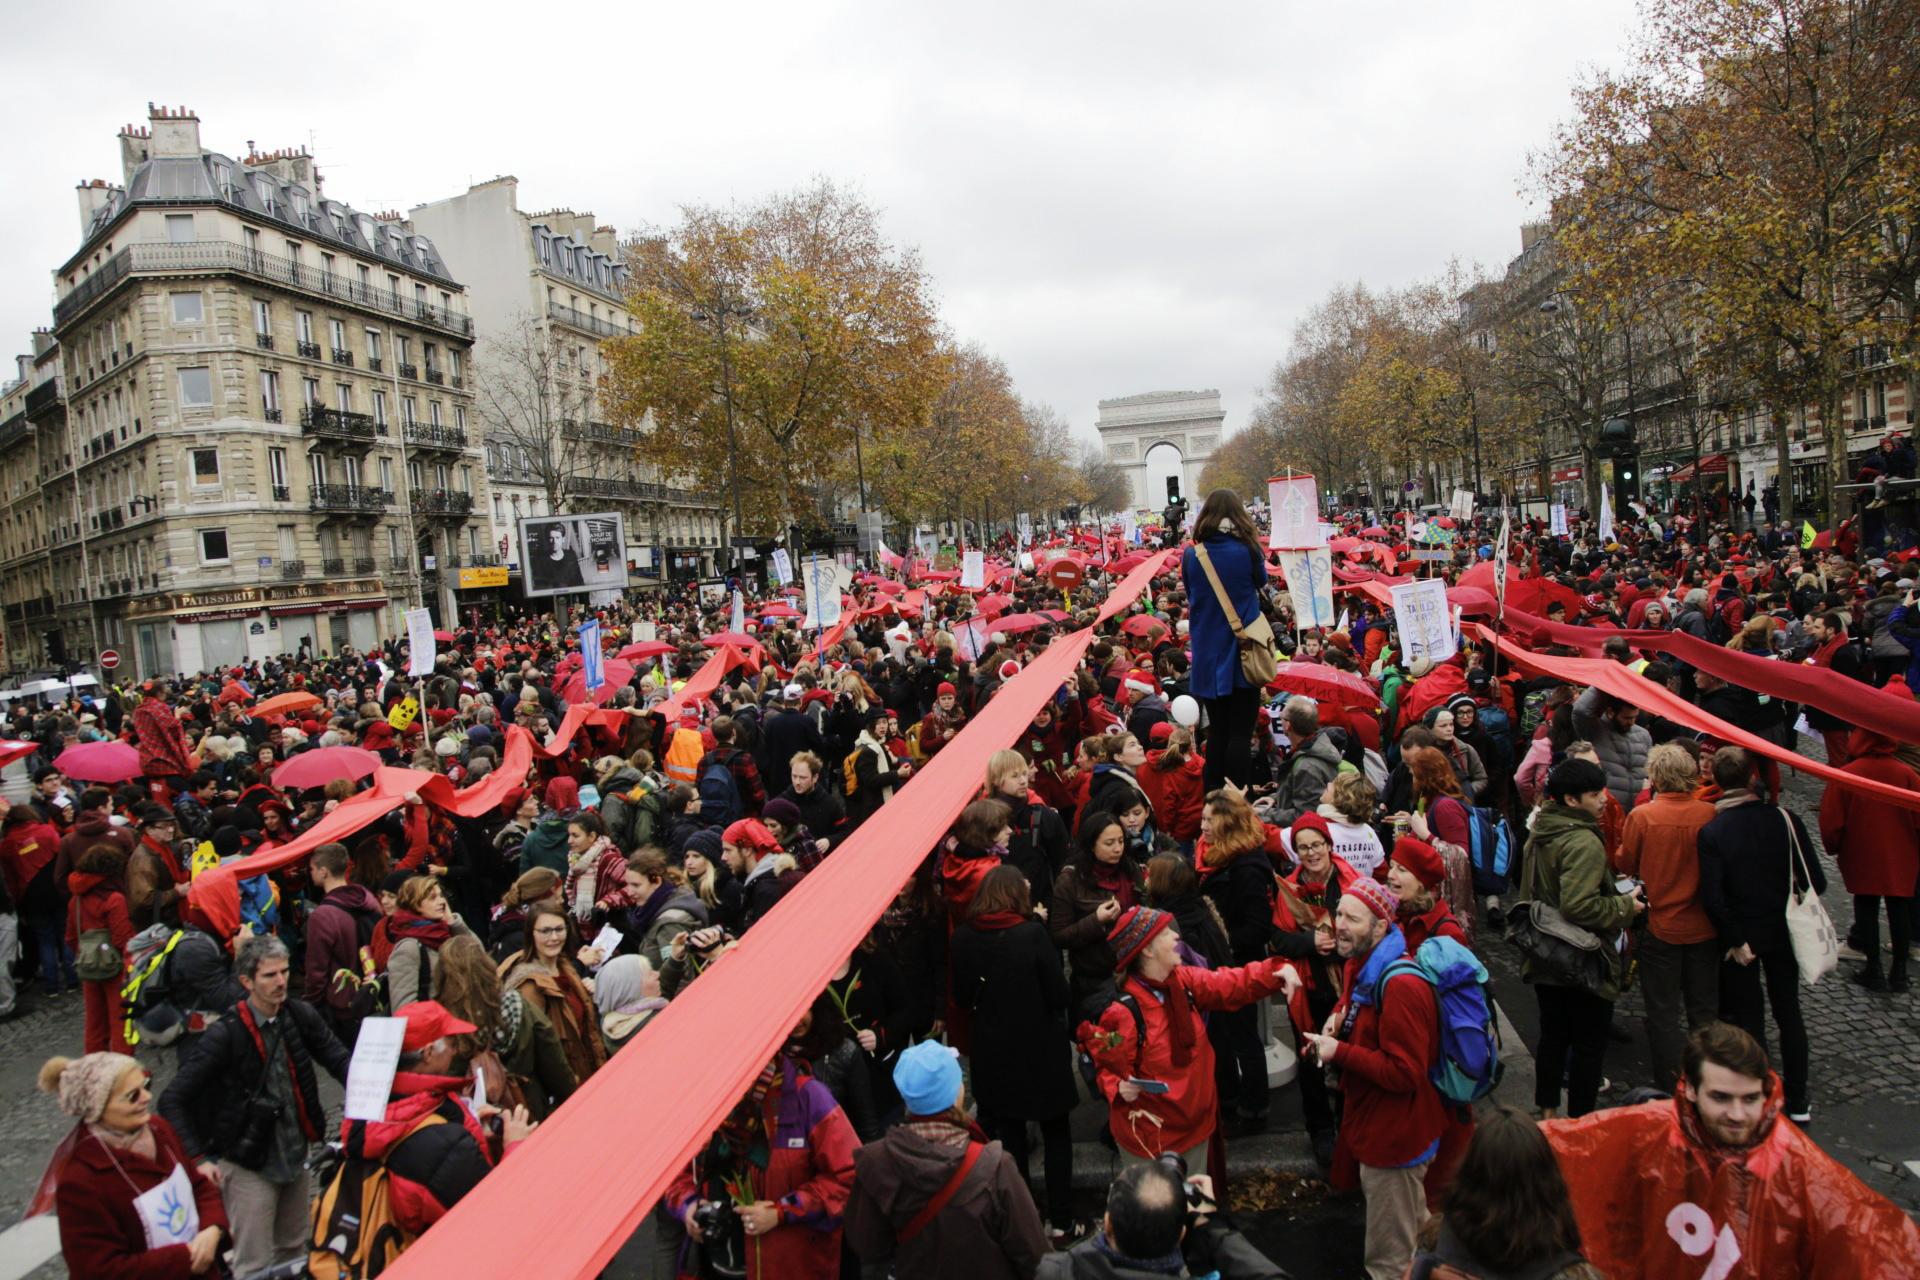 Laupäeva, 12. detsembri keskpäeval kogunes Pariisis Triumfikaare alla tuhandeid rahvusvahelisi aktiviste, et seista kliimaõigluse eest. Foto: Renee Altrov